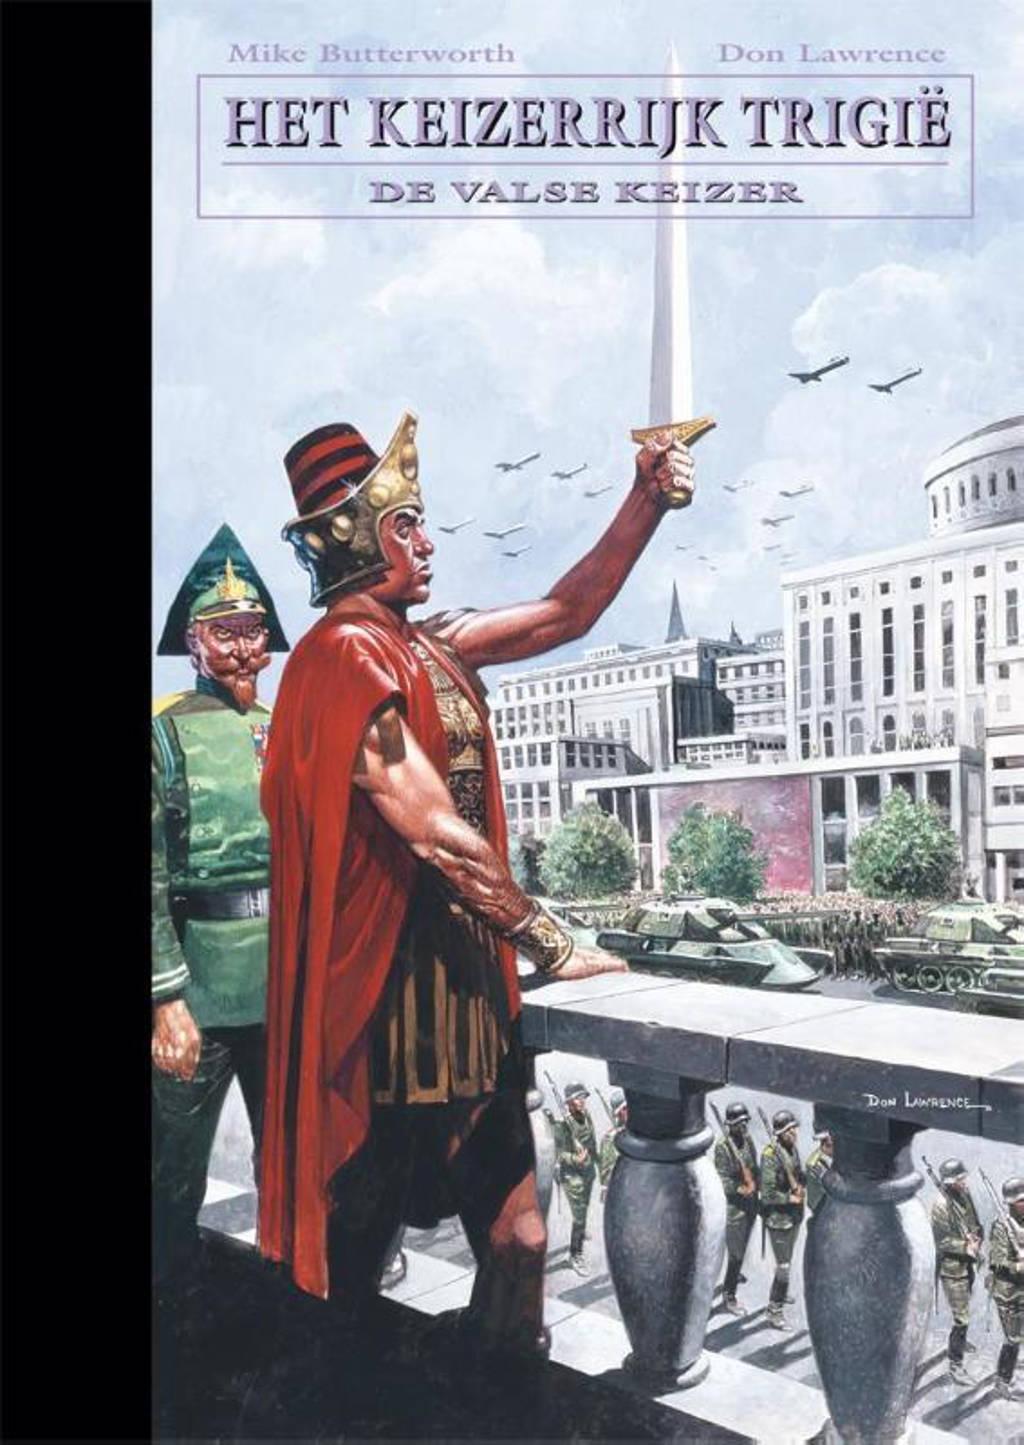 De opkomst en ondergang van het keizerrijk Trigië: De valse keizer - Don Lawrence en Mike Butterworth